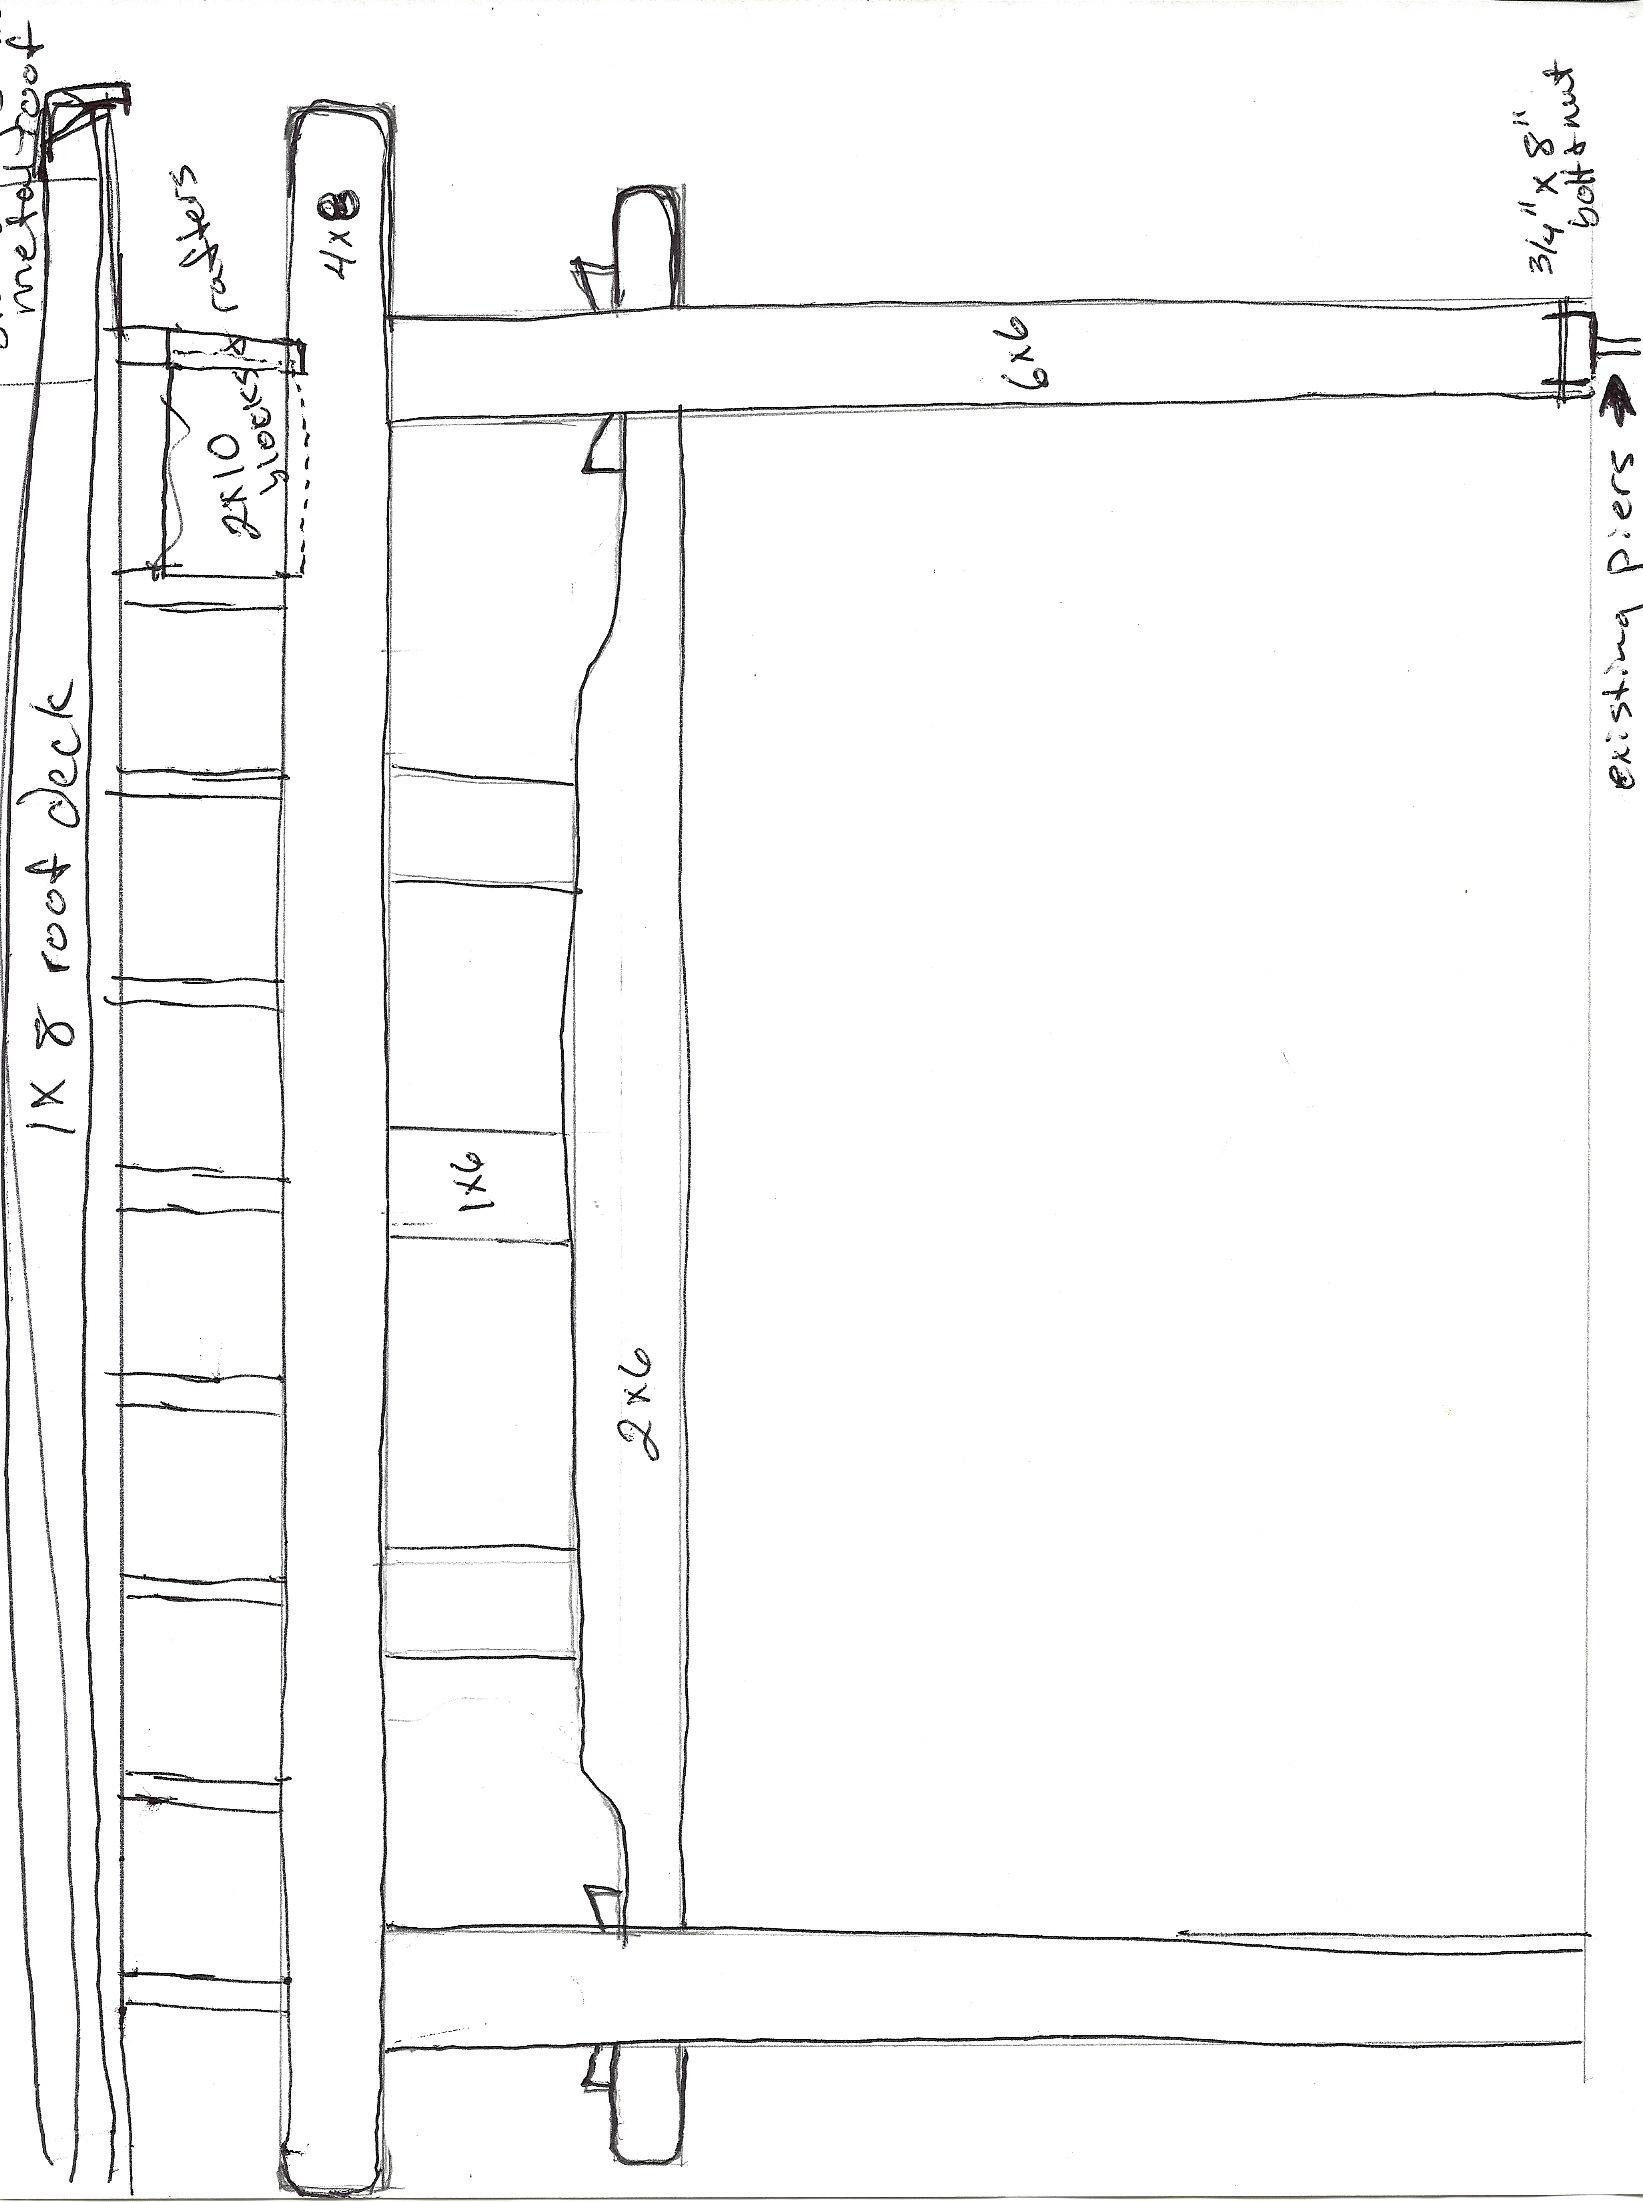 Timber frame solar carport (roundwood and timber framing forum at ...